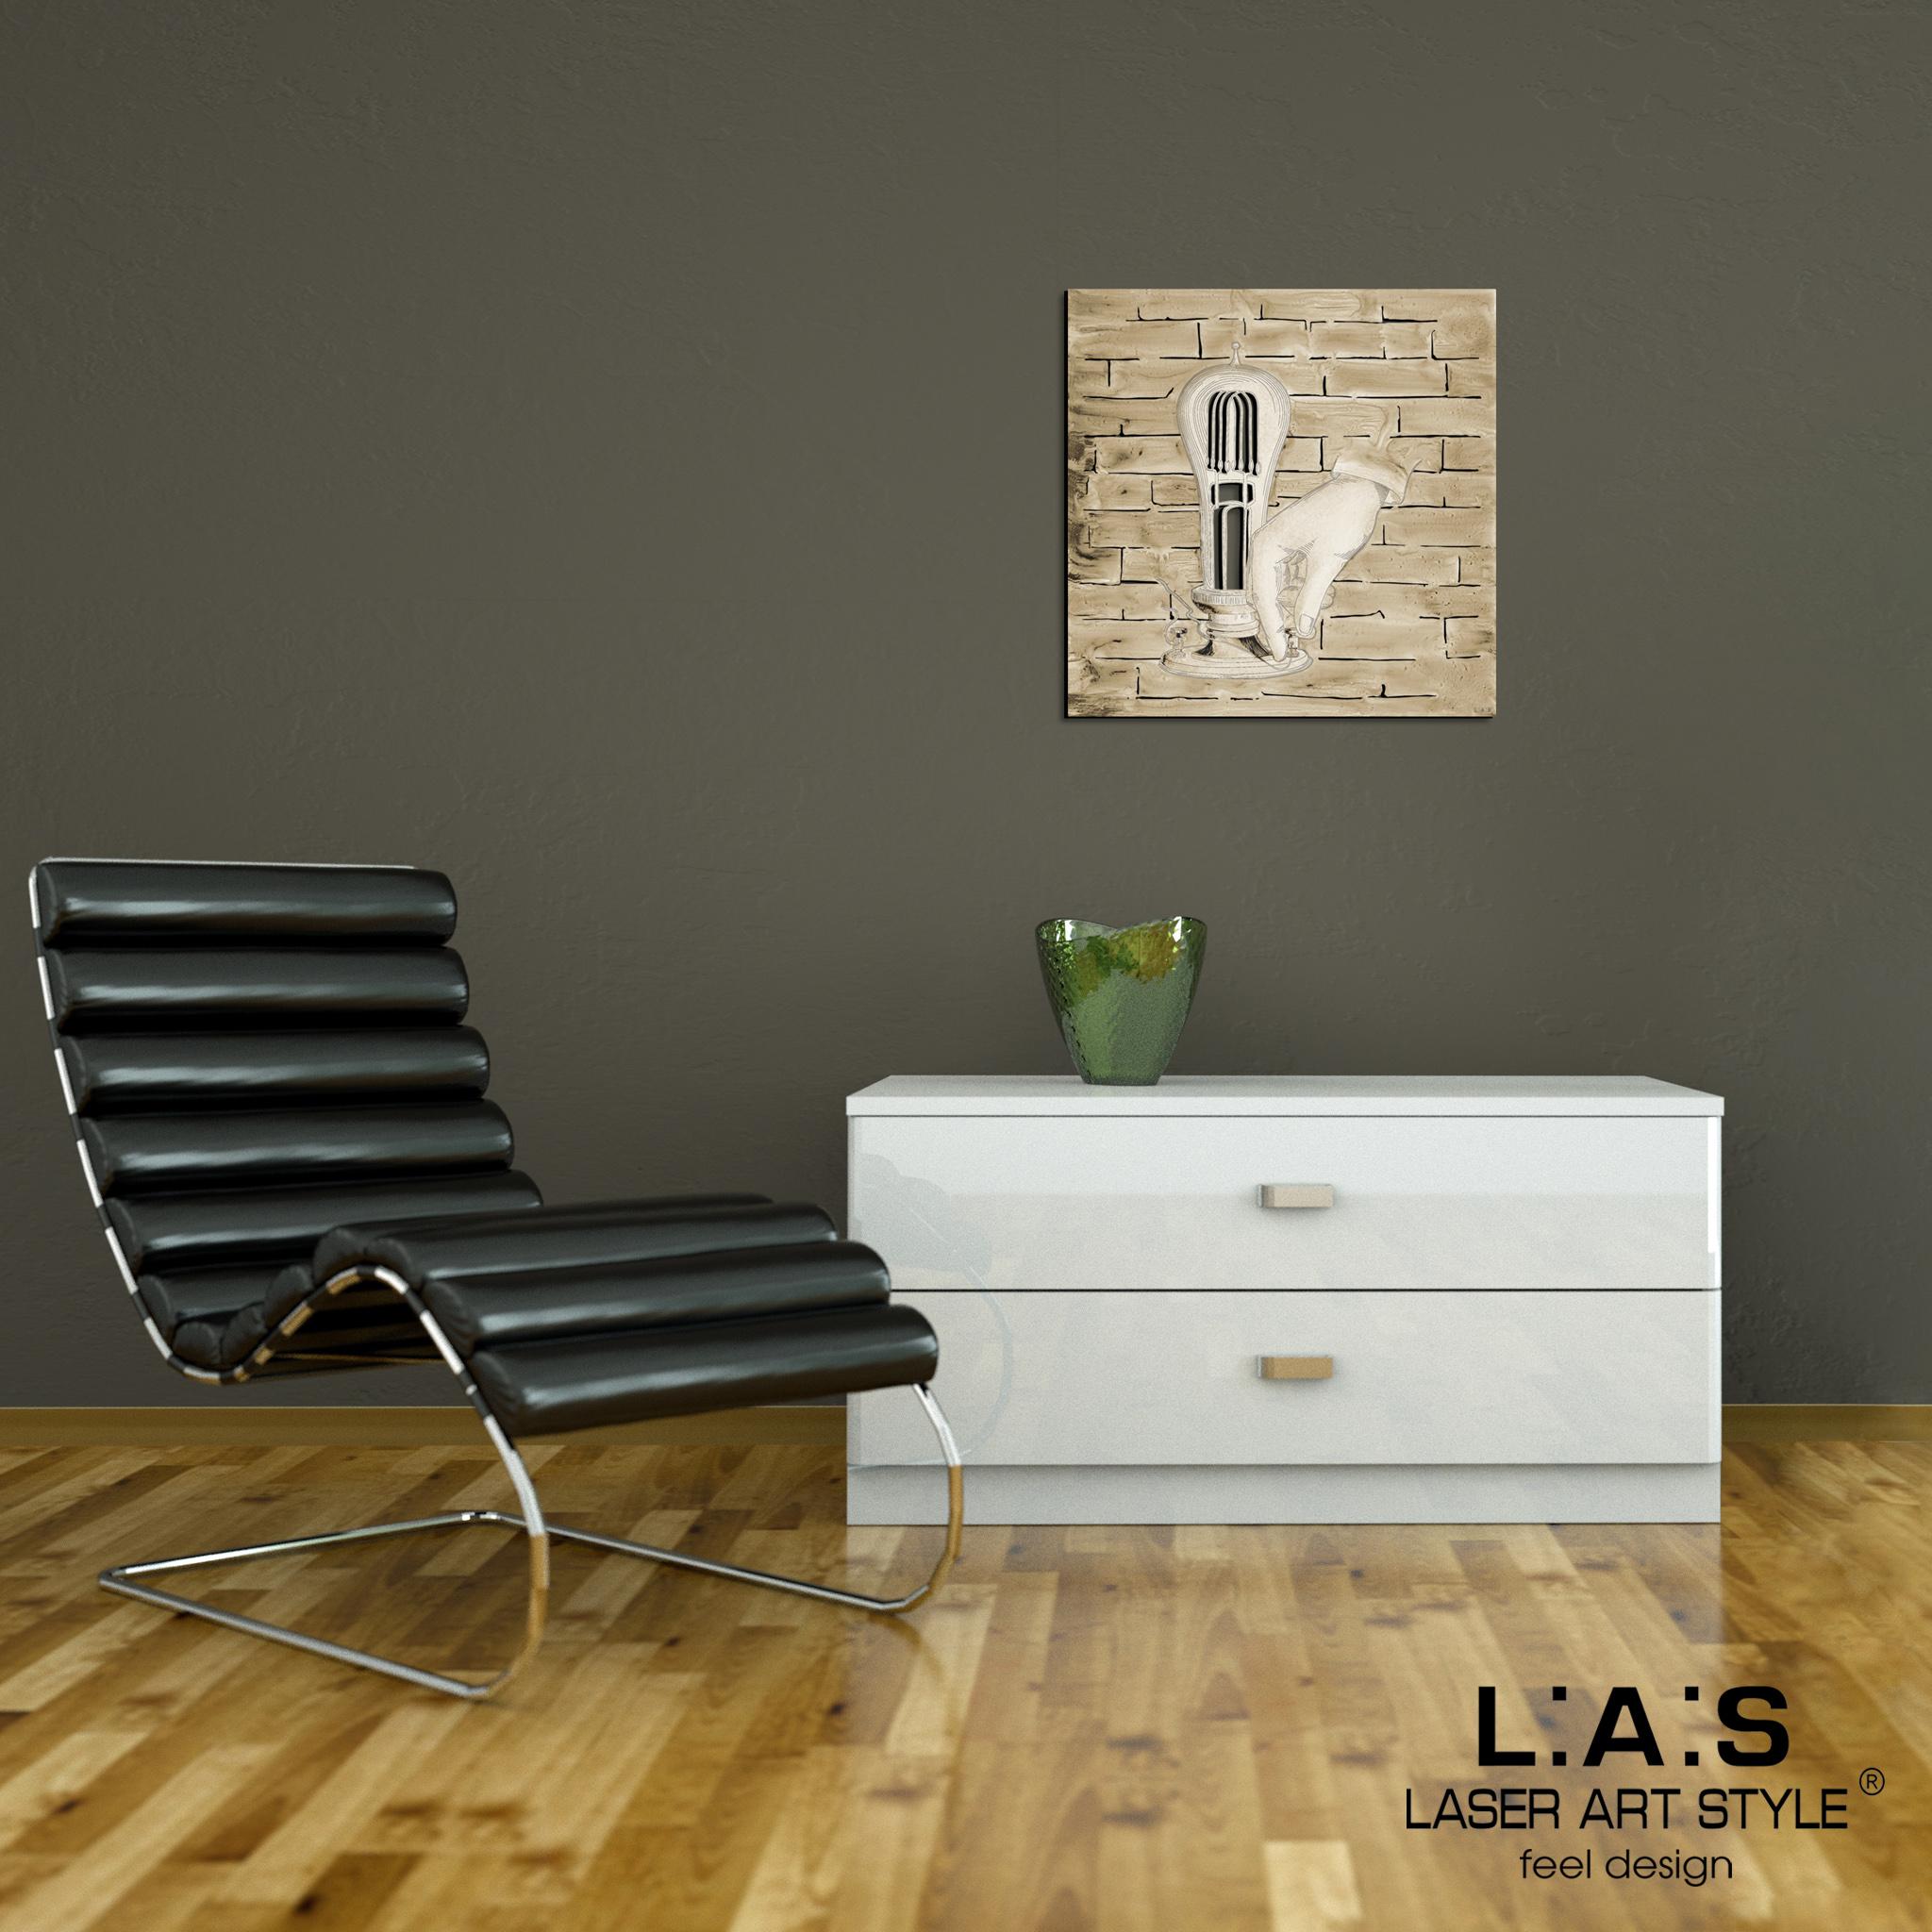 L:A:S - Laser Art Style - QUADRO MODERNO -SCULTURA DA PARETE INDUSTRIAL – Q-026 DECORO MARRONE